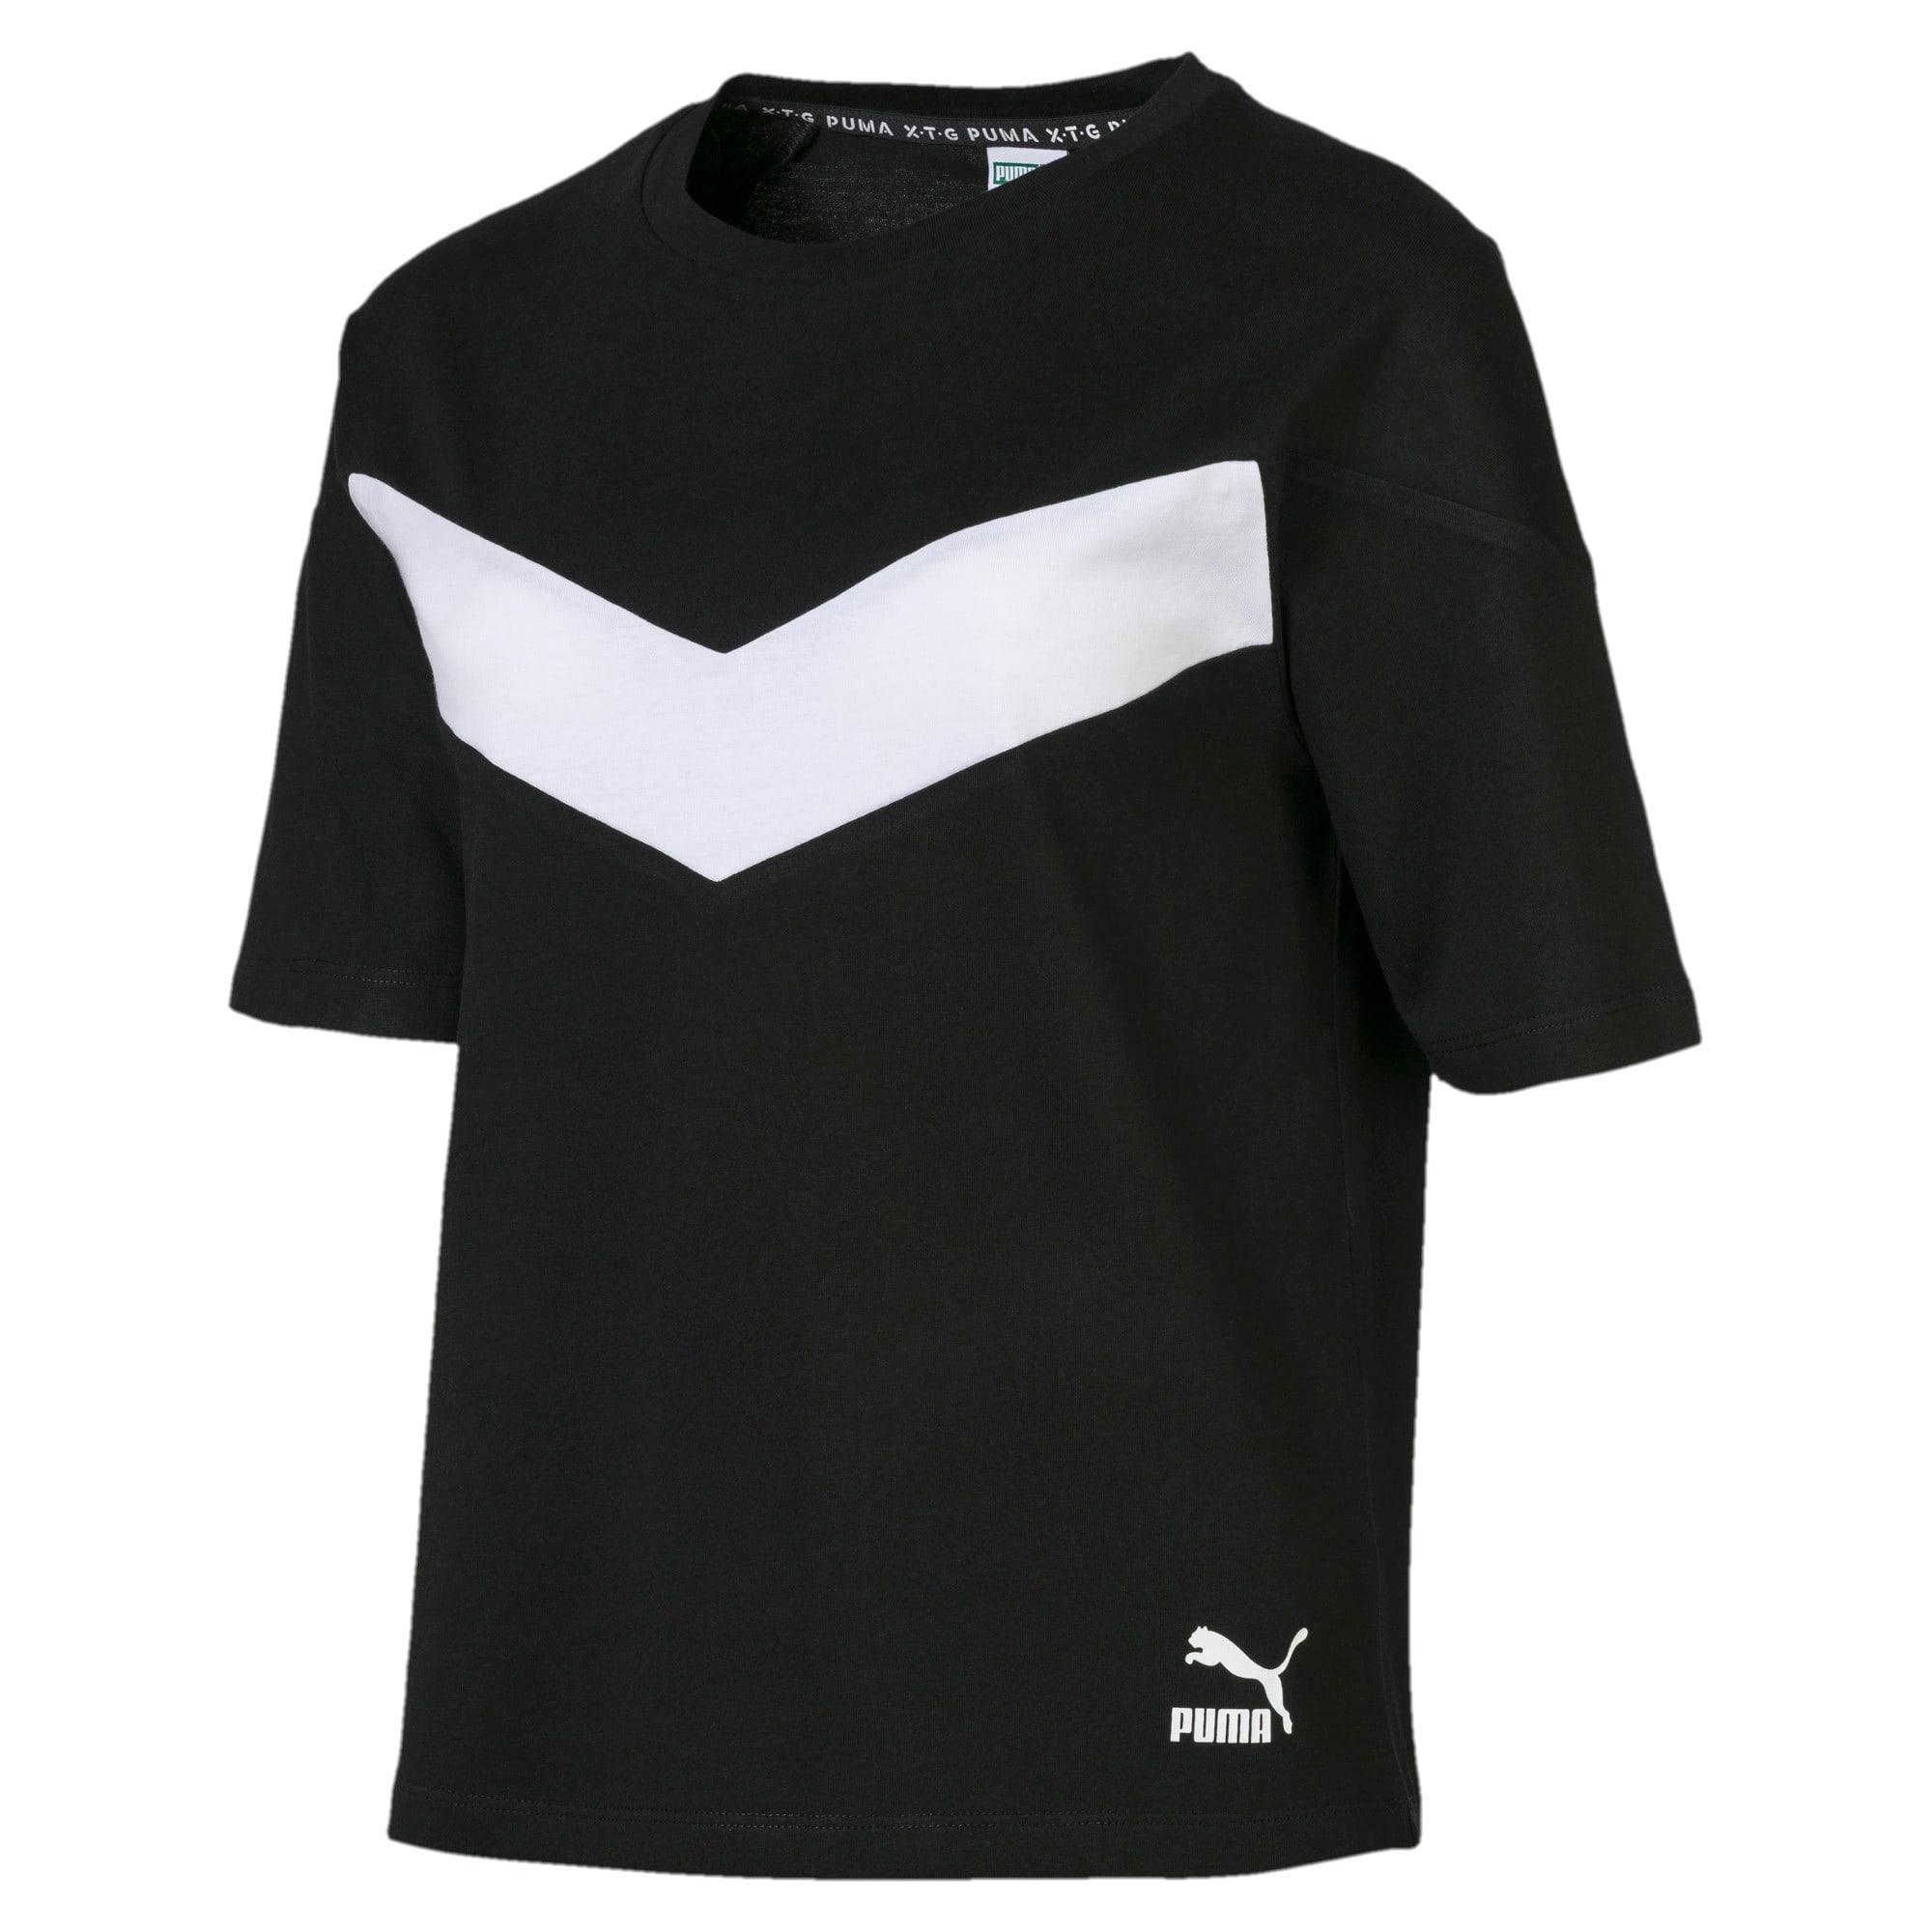 Miniatura 4 de Camiseta PUMA XTG en colores combinados para mujer, Puma Black, mediano